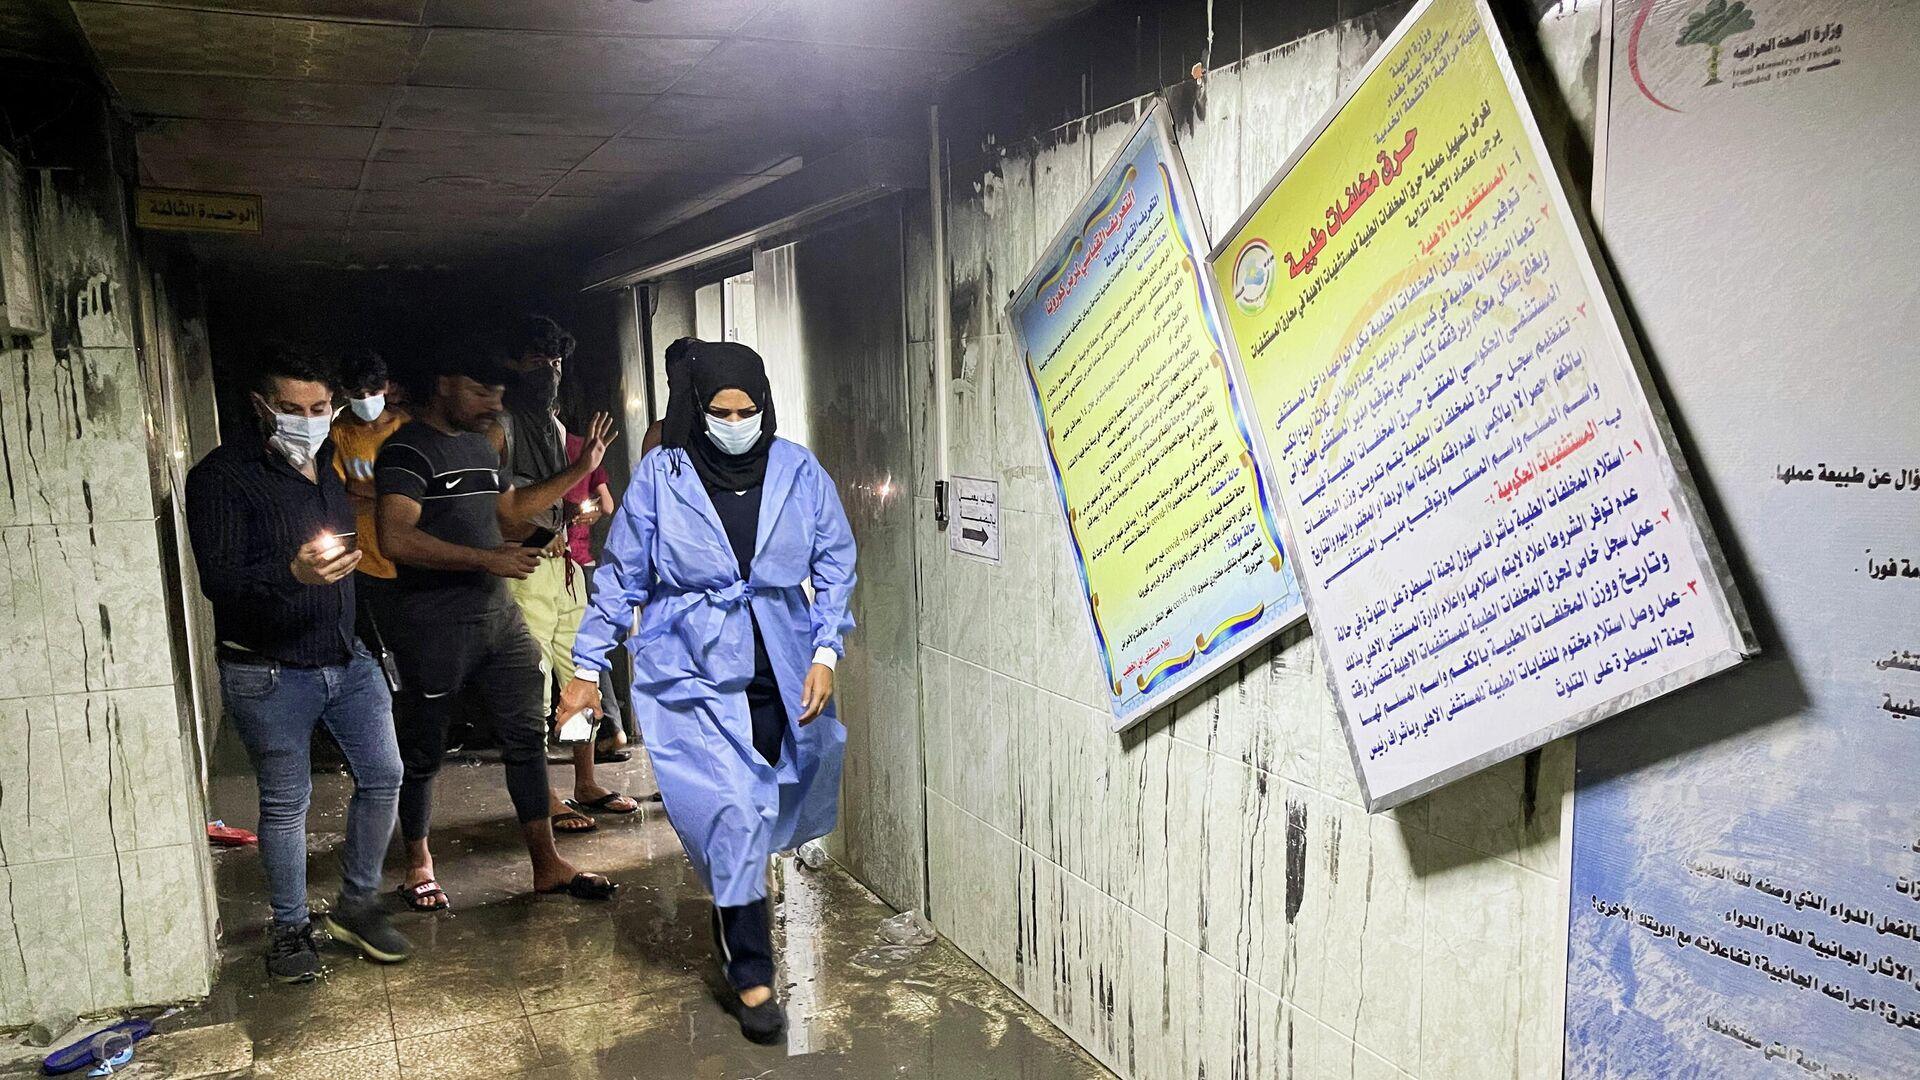 Consecuancias del incendio en el hospital Ibn al Jatib, en Bagdad - Sputnik Mundo, 1920, 26.04.2021